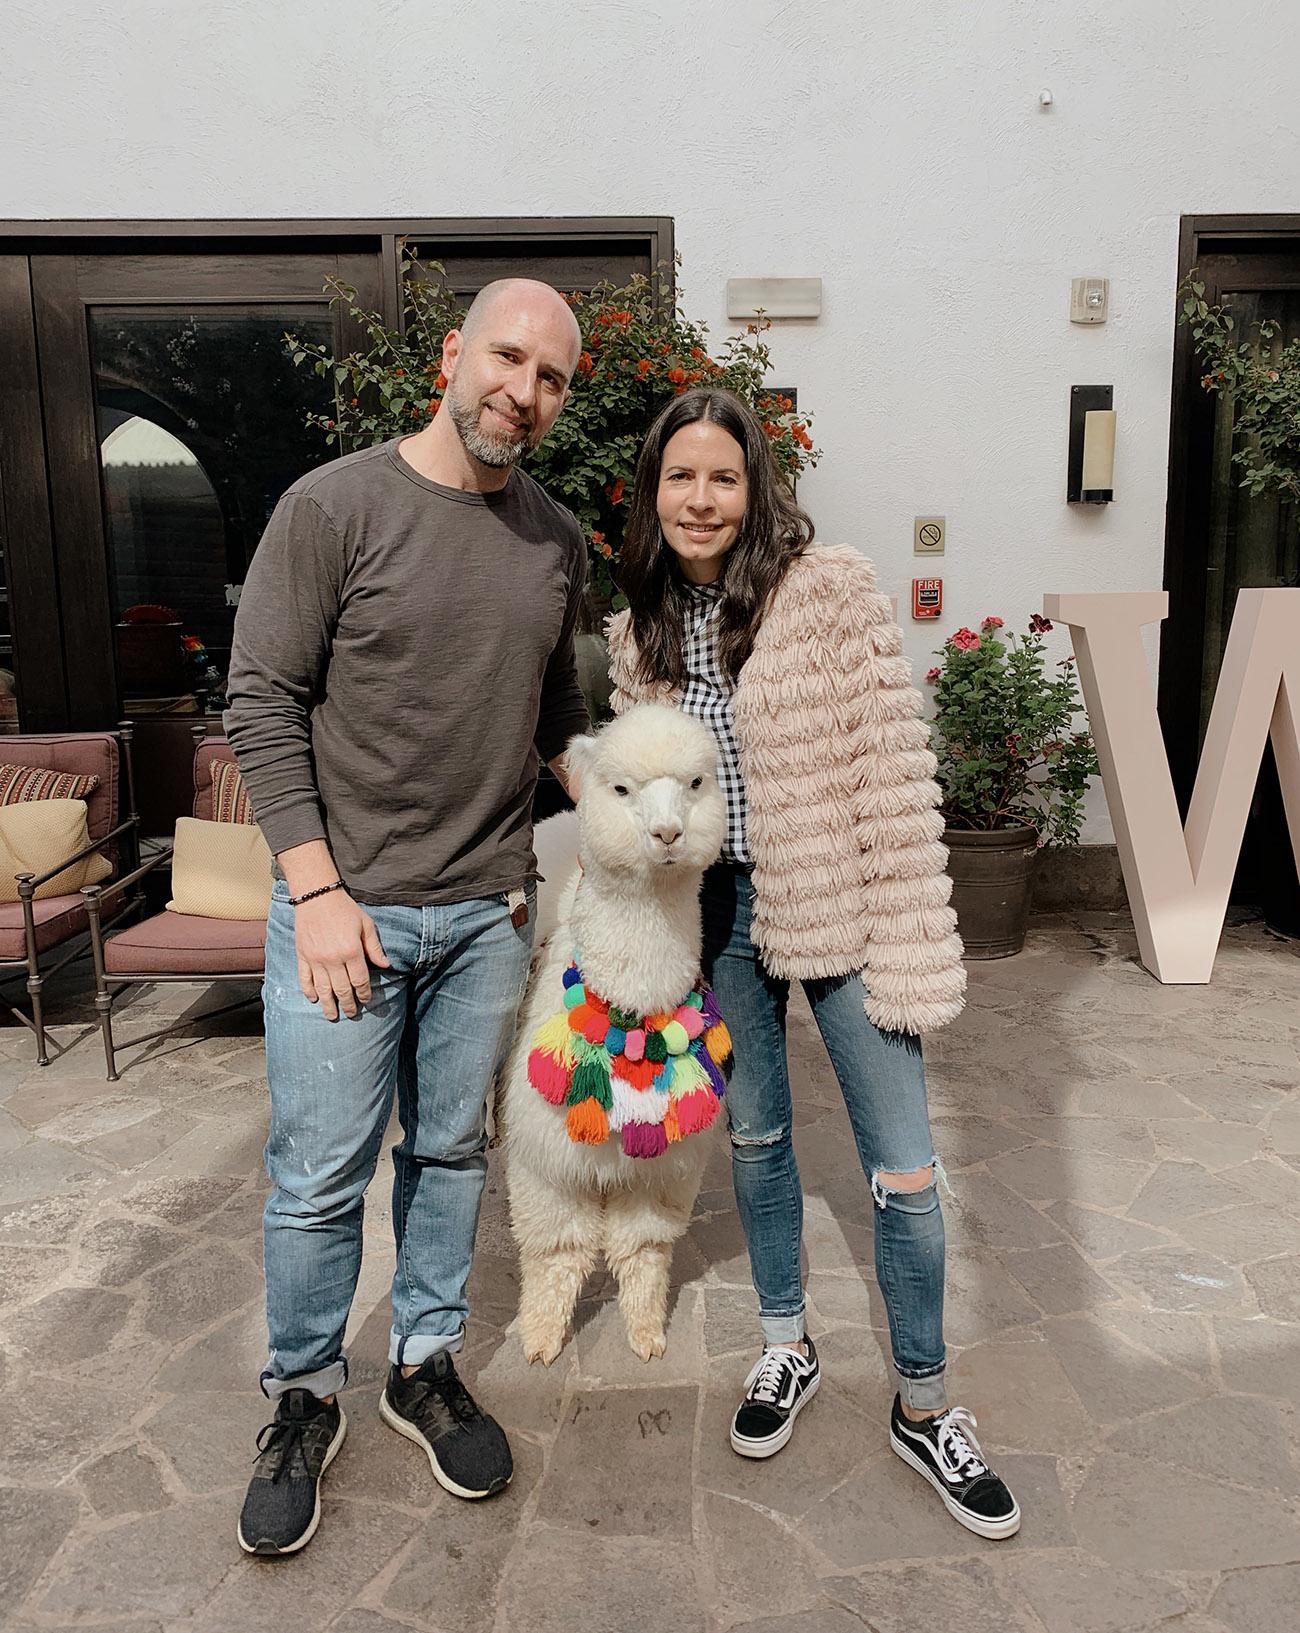 panchita alpaca at hotel in Peru